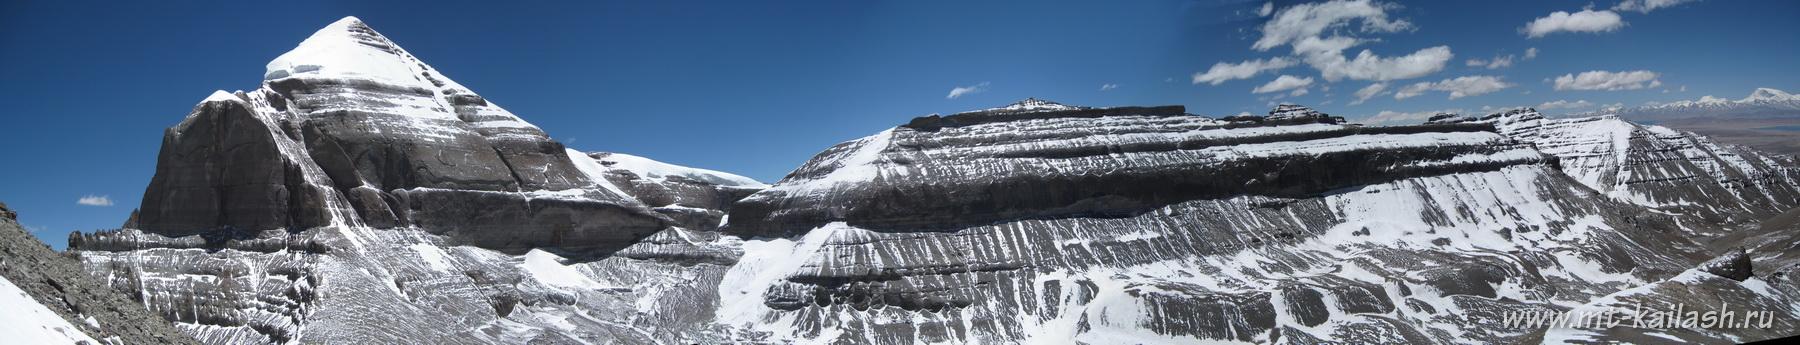 Панорама Кайласа и Нанди с вершины горы Астапад (с запада)